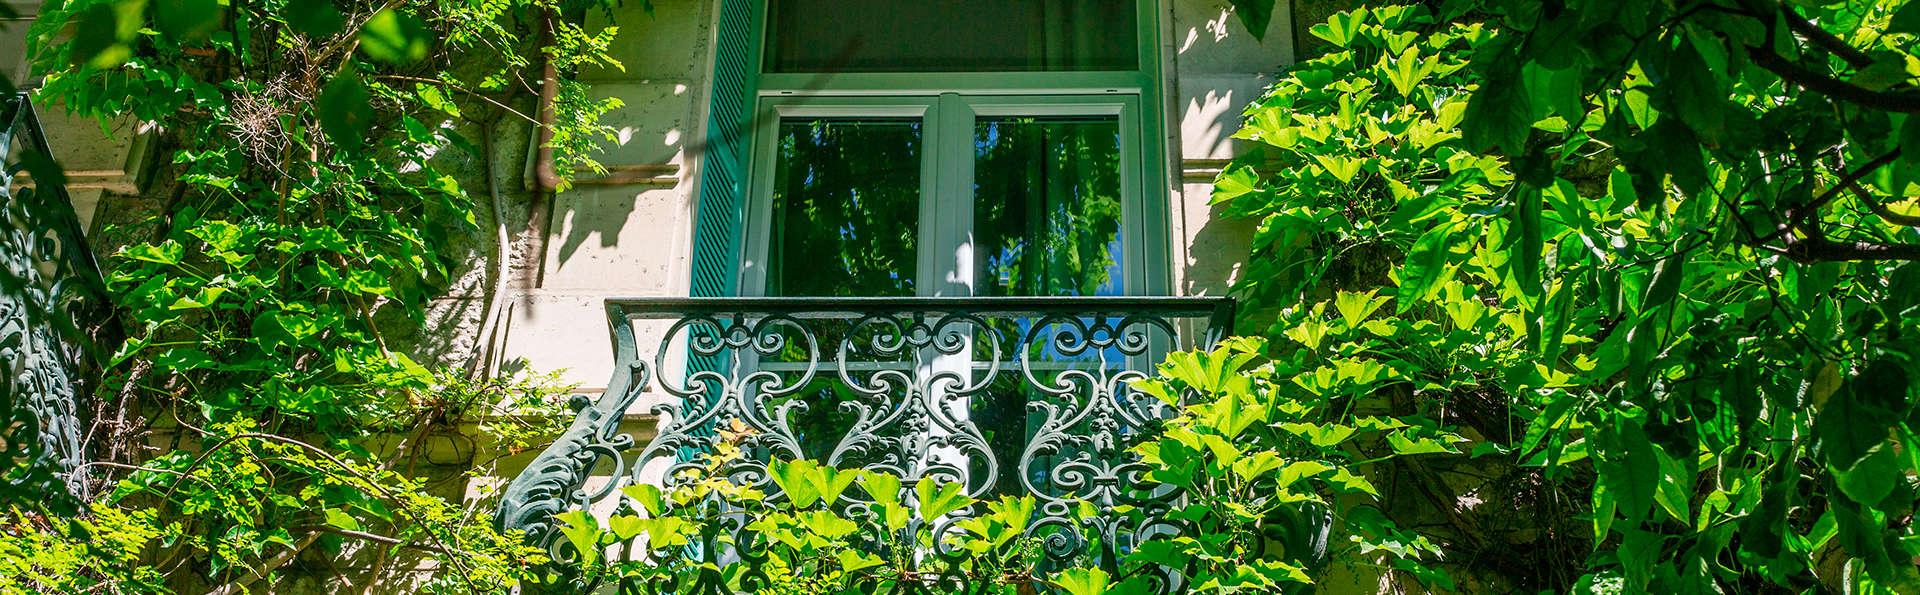 Hôtel Windsor - edit_front892.jpg